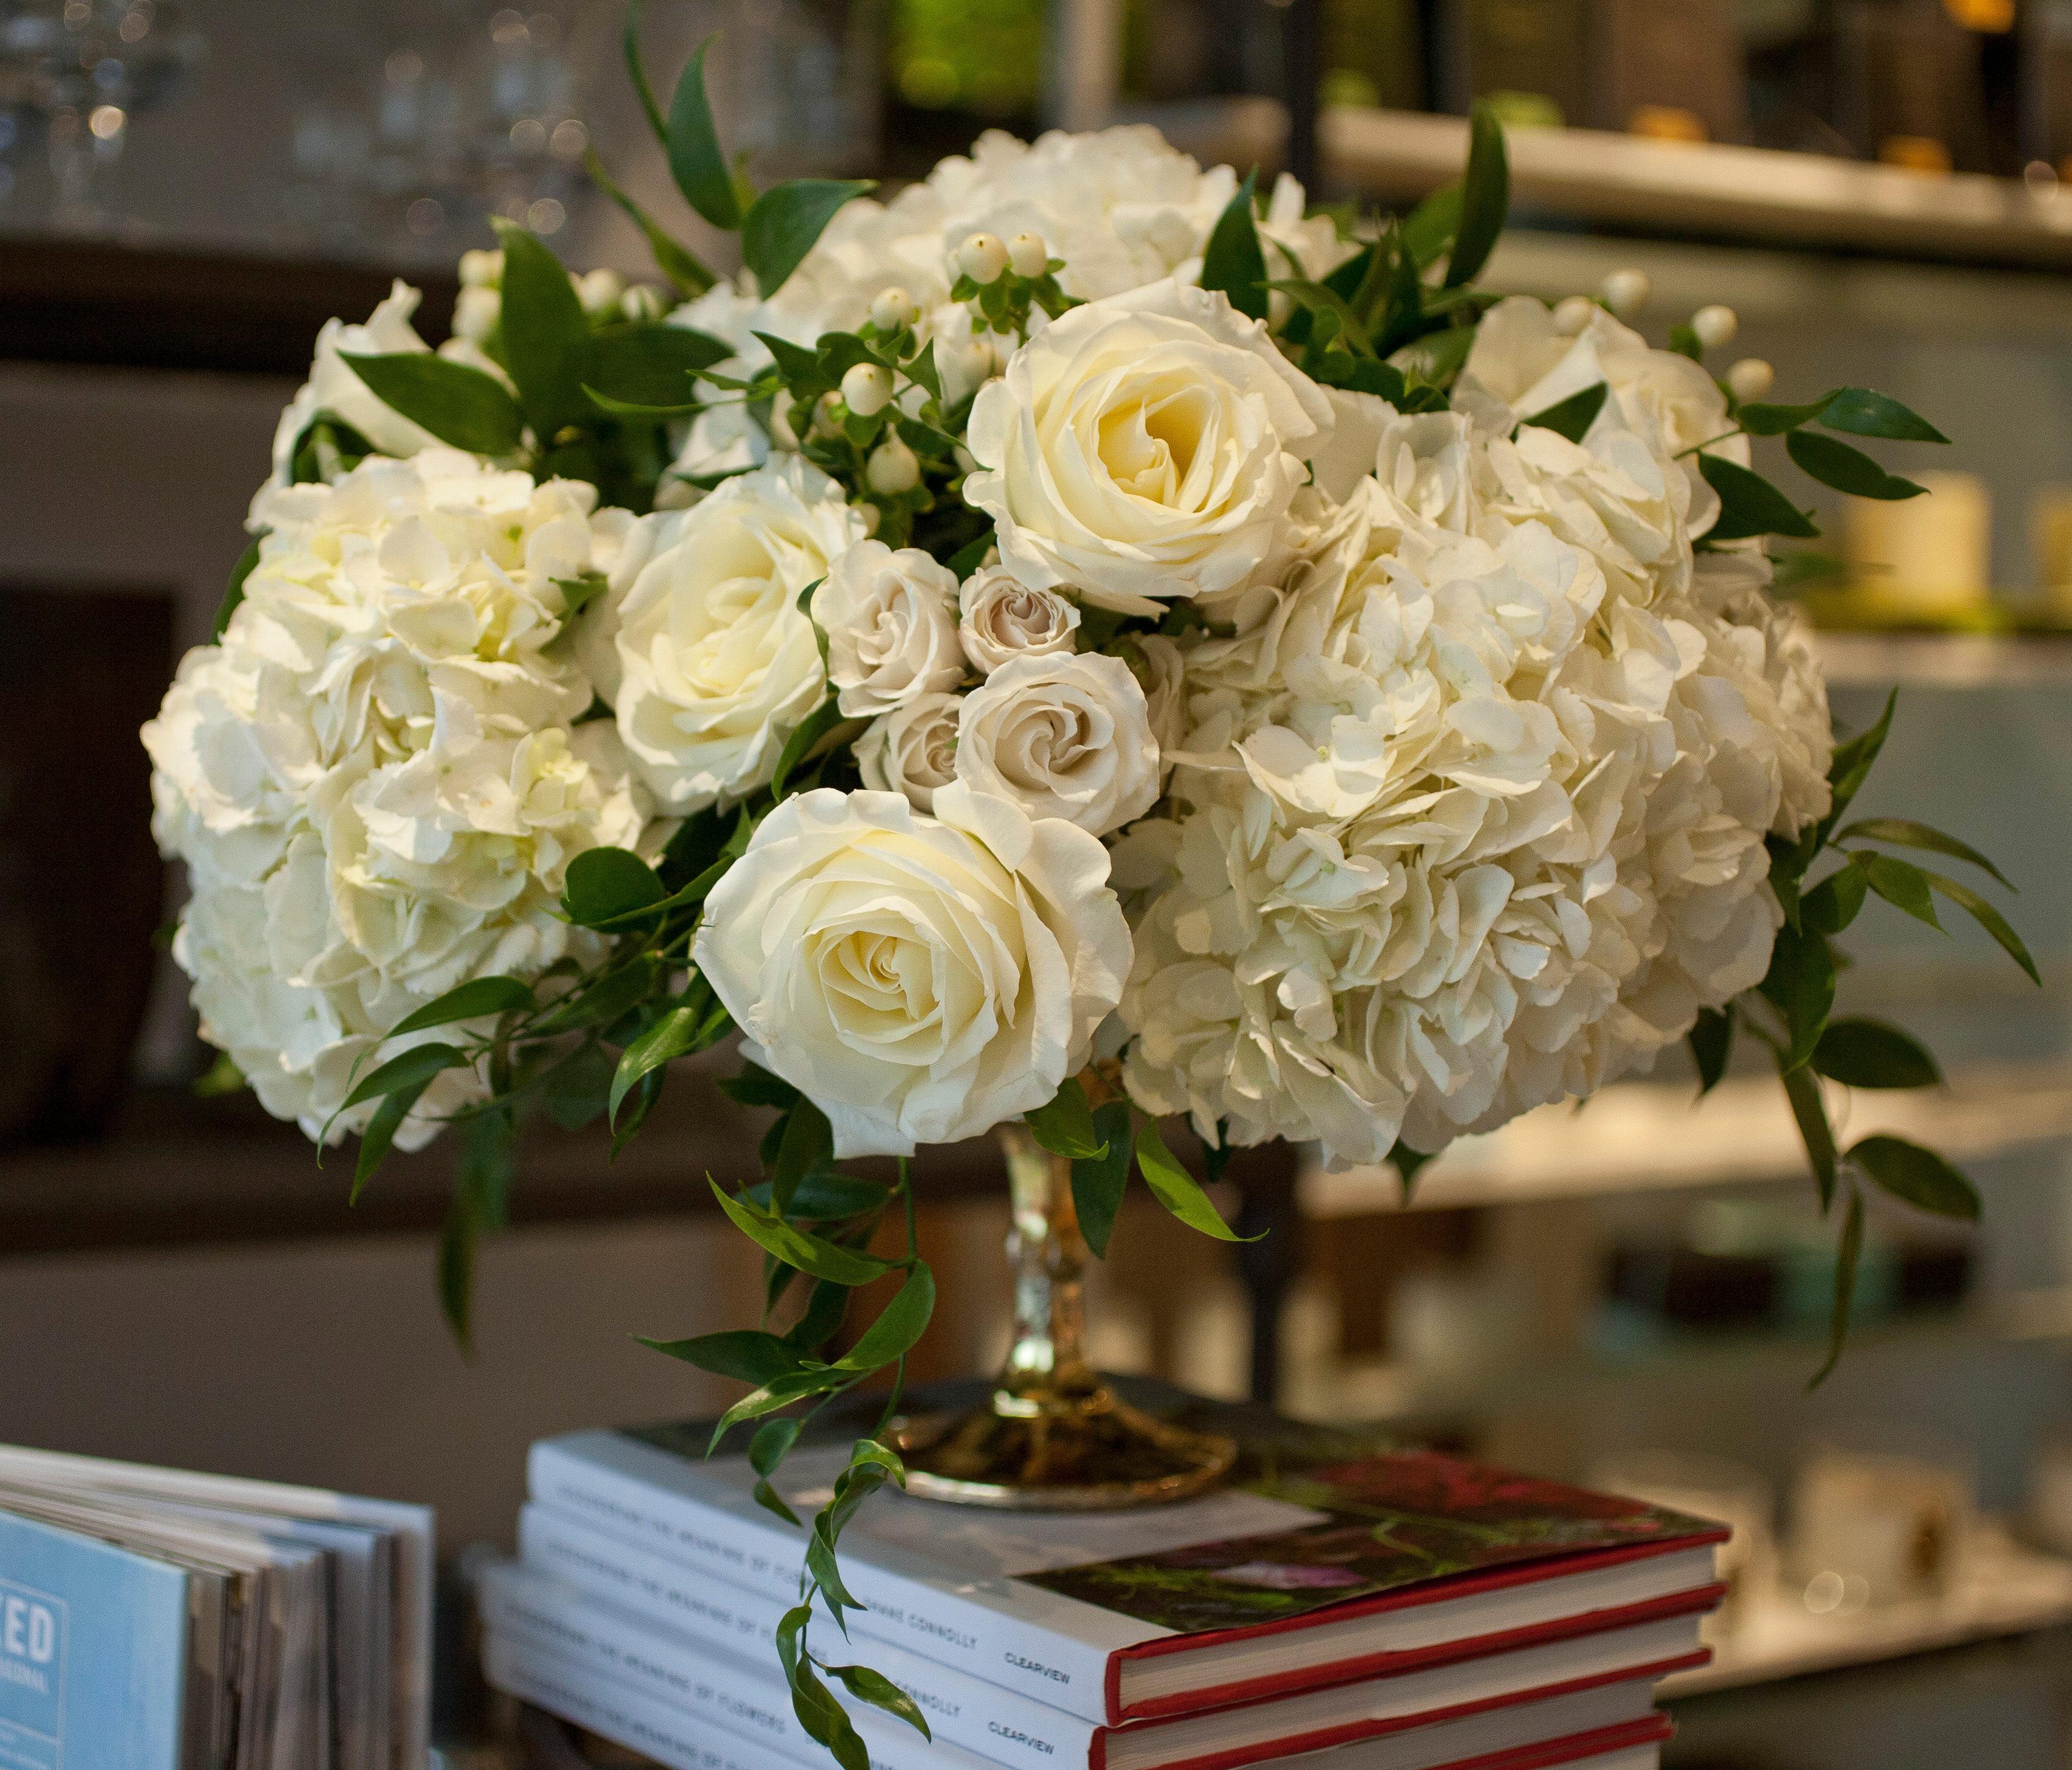 Class 3 Composition Bouquet